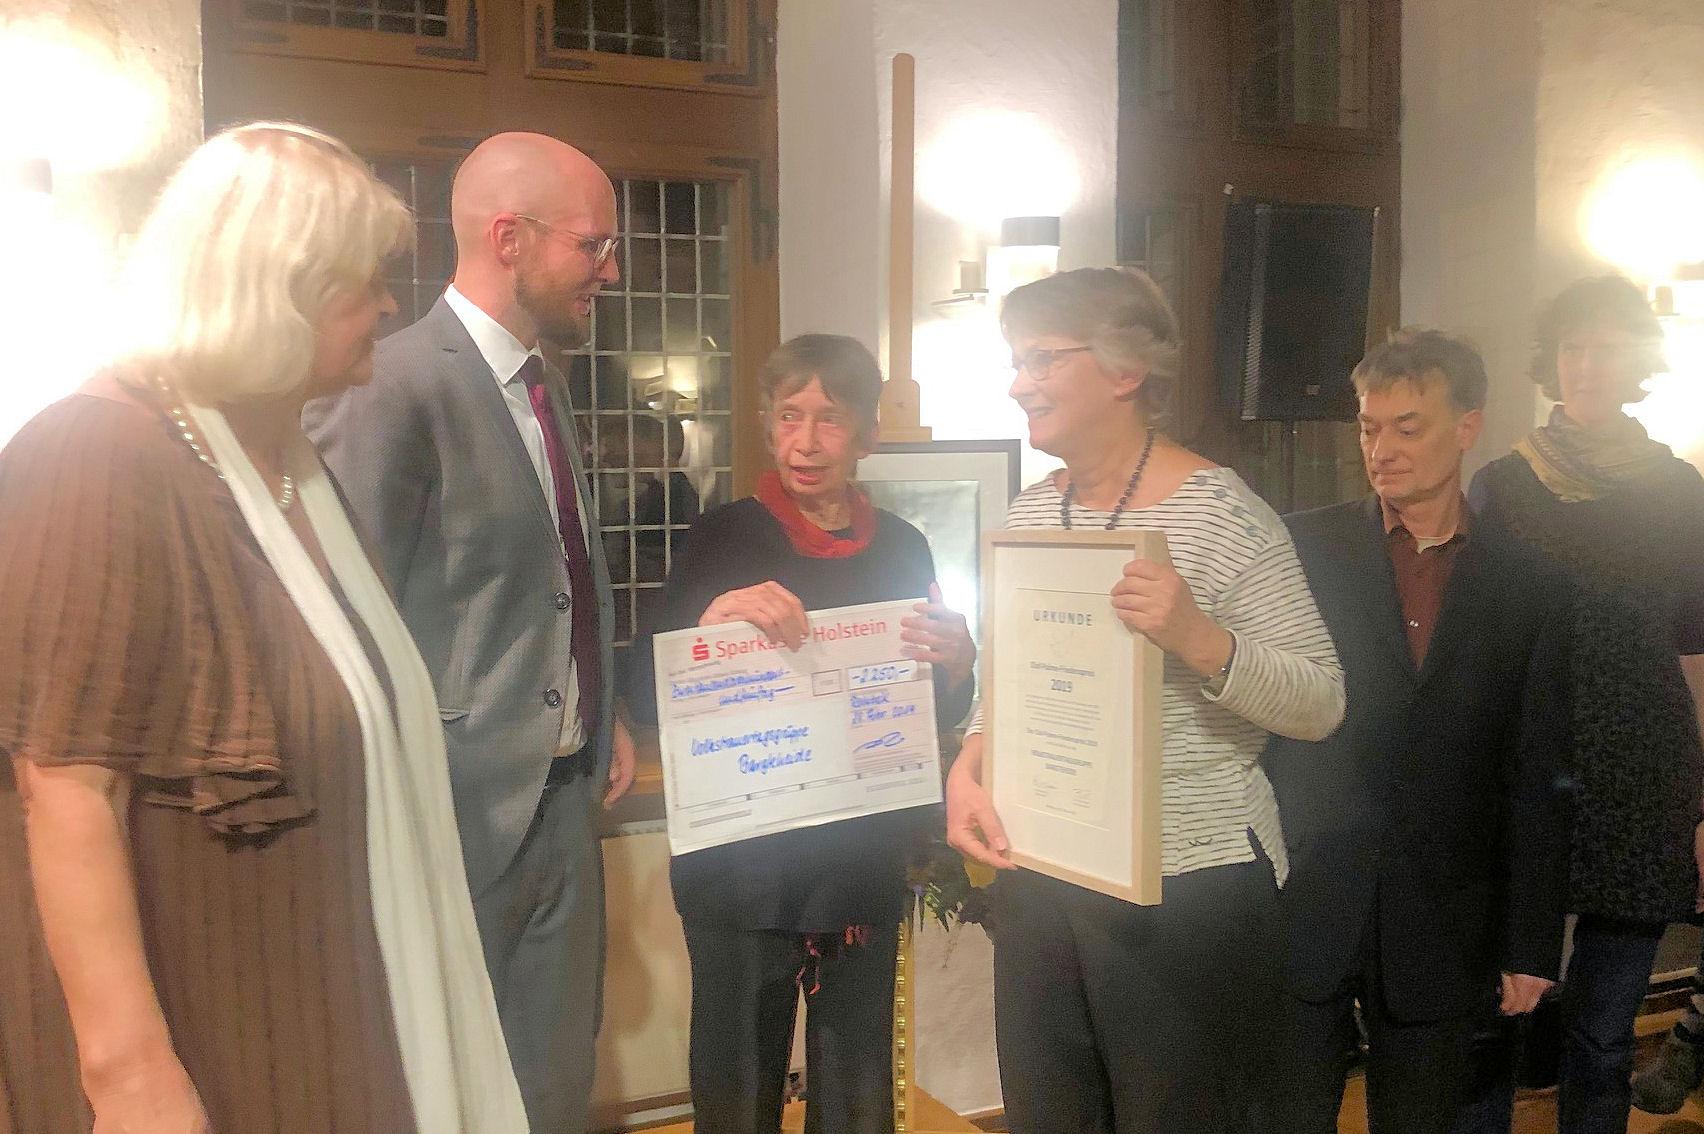 Olof-Palme-Friedenspreis 2019